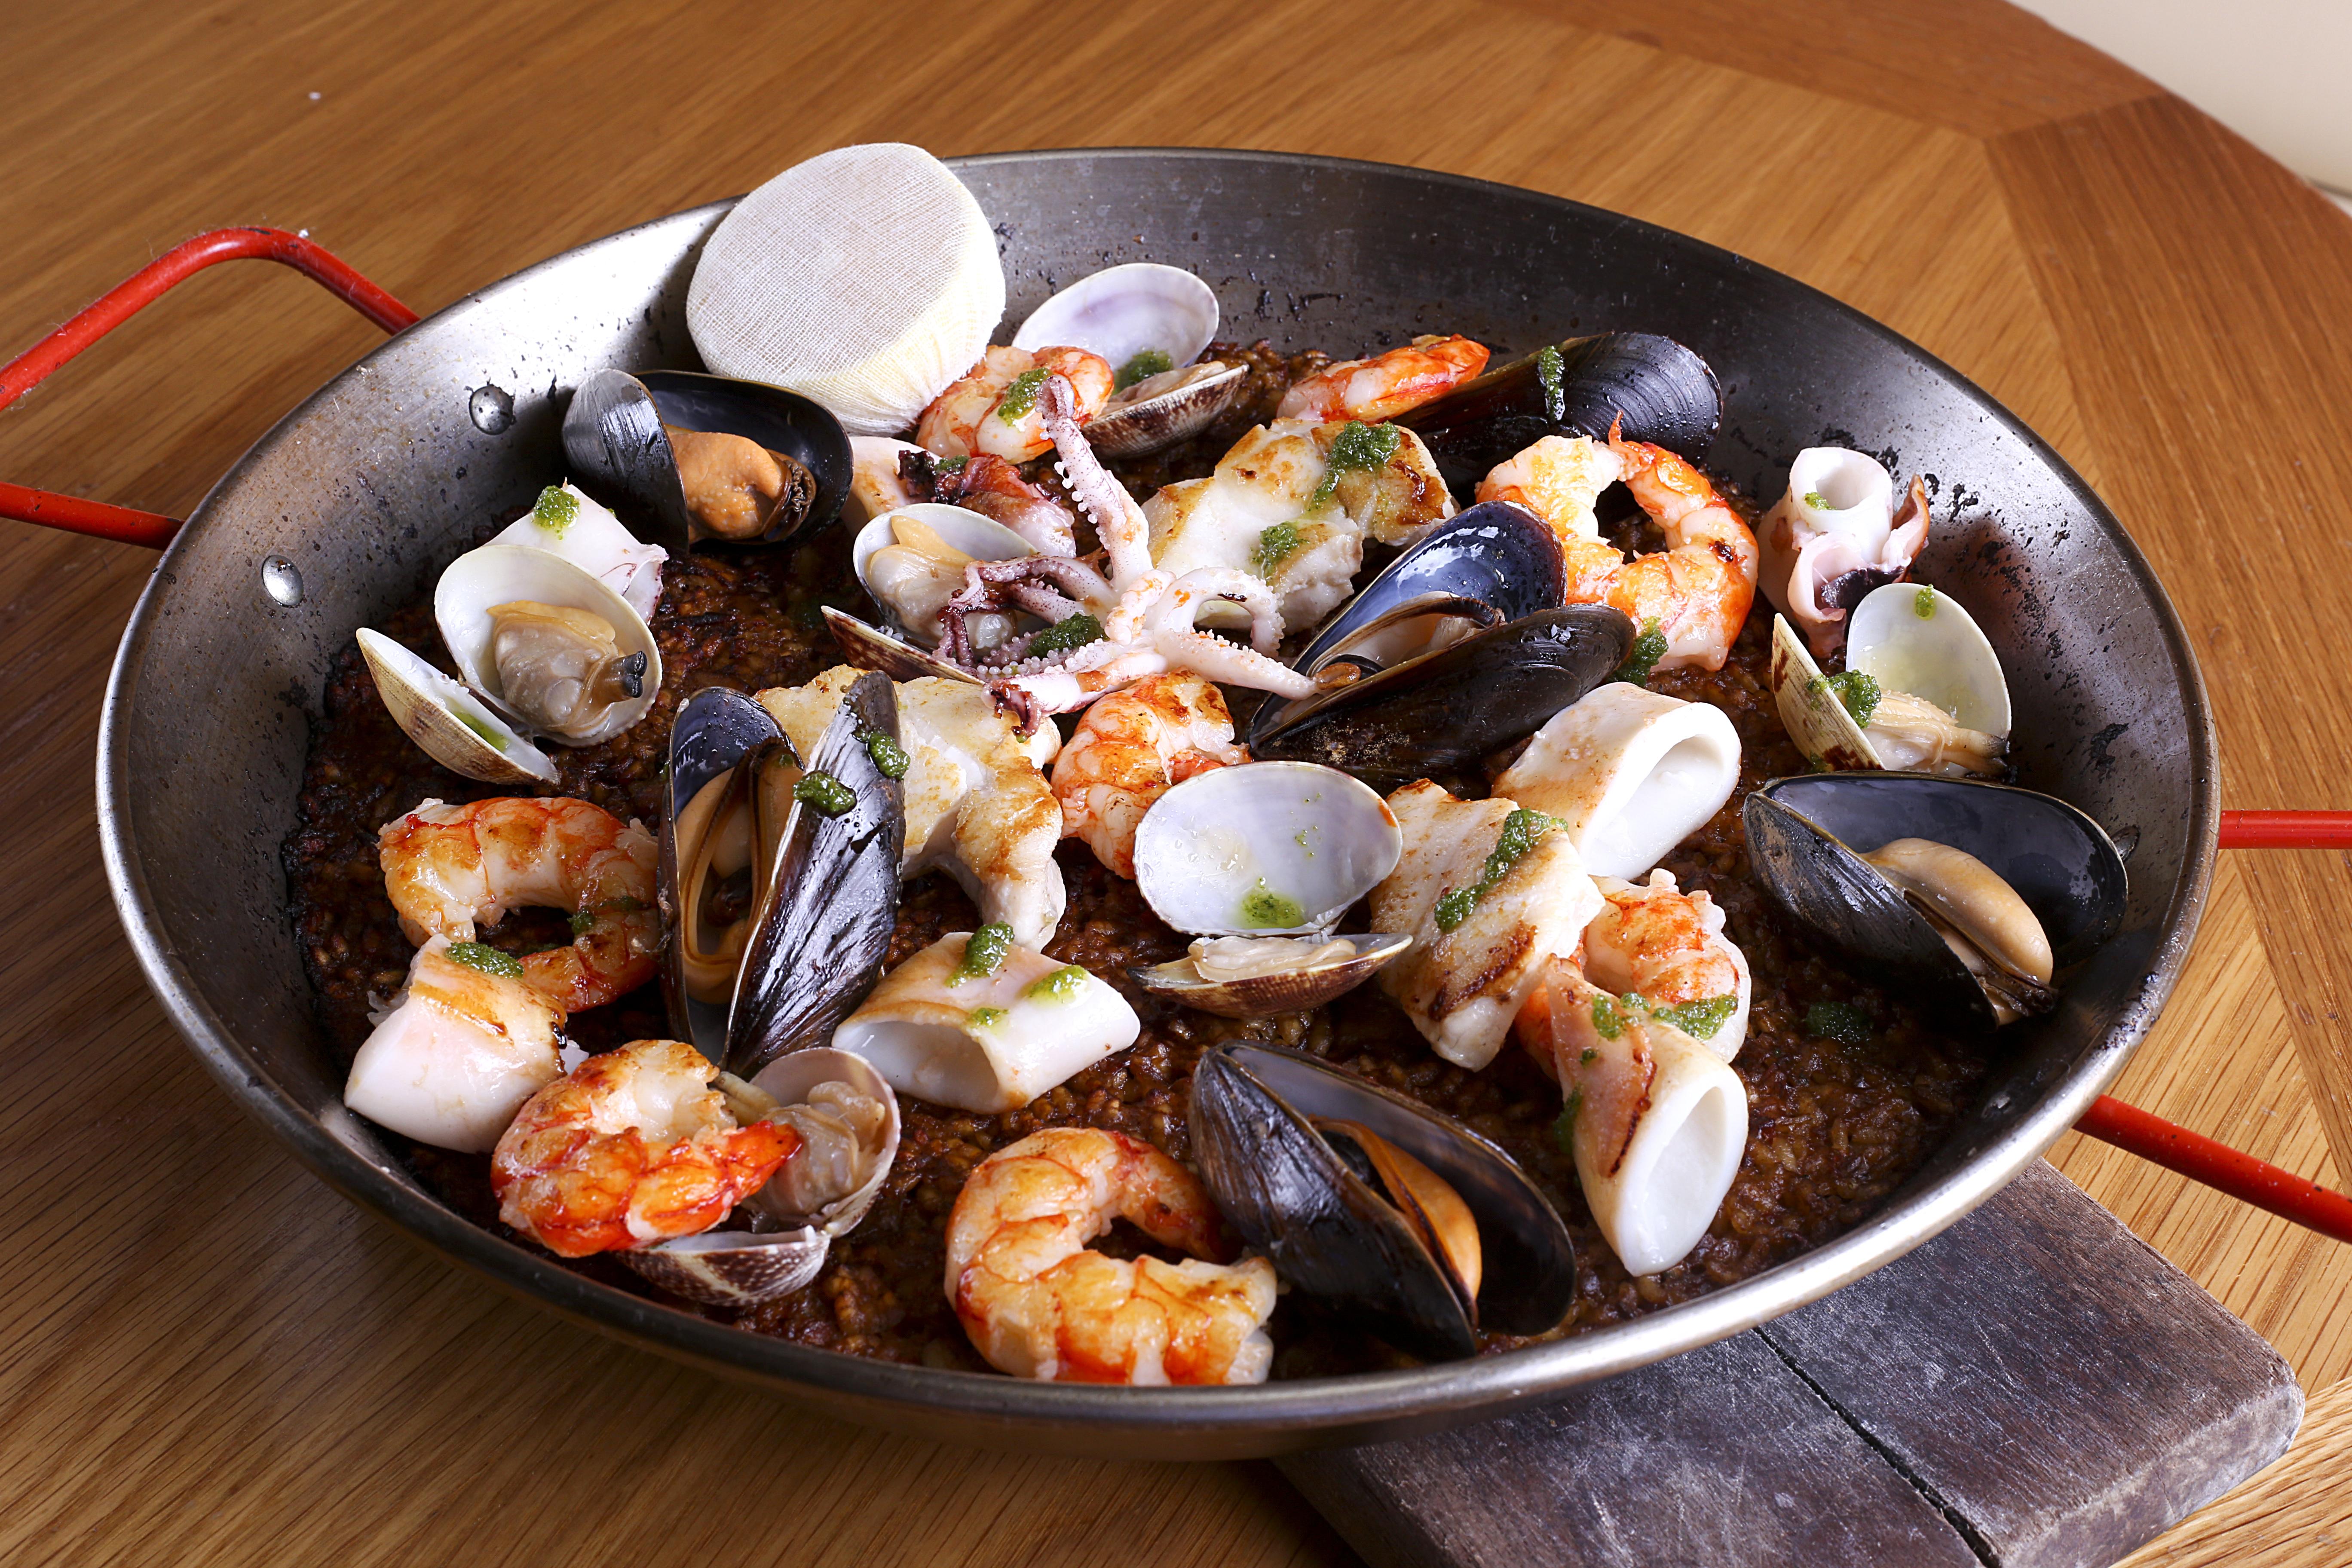 Spanish seafood paella in a large metal pan